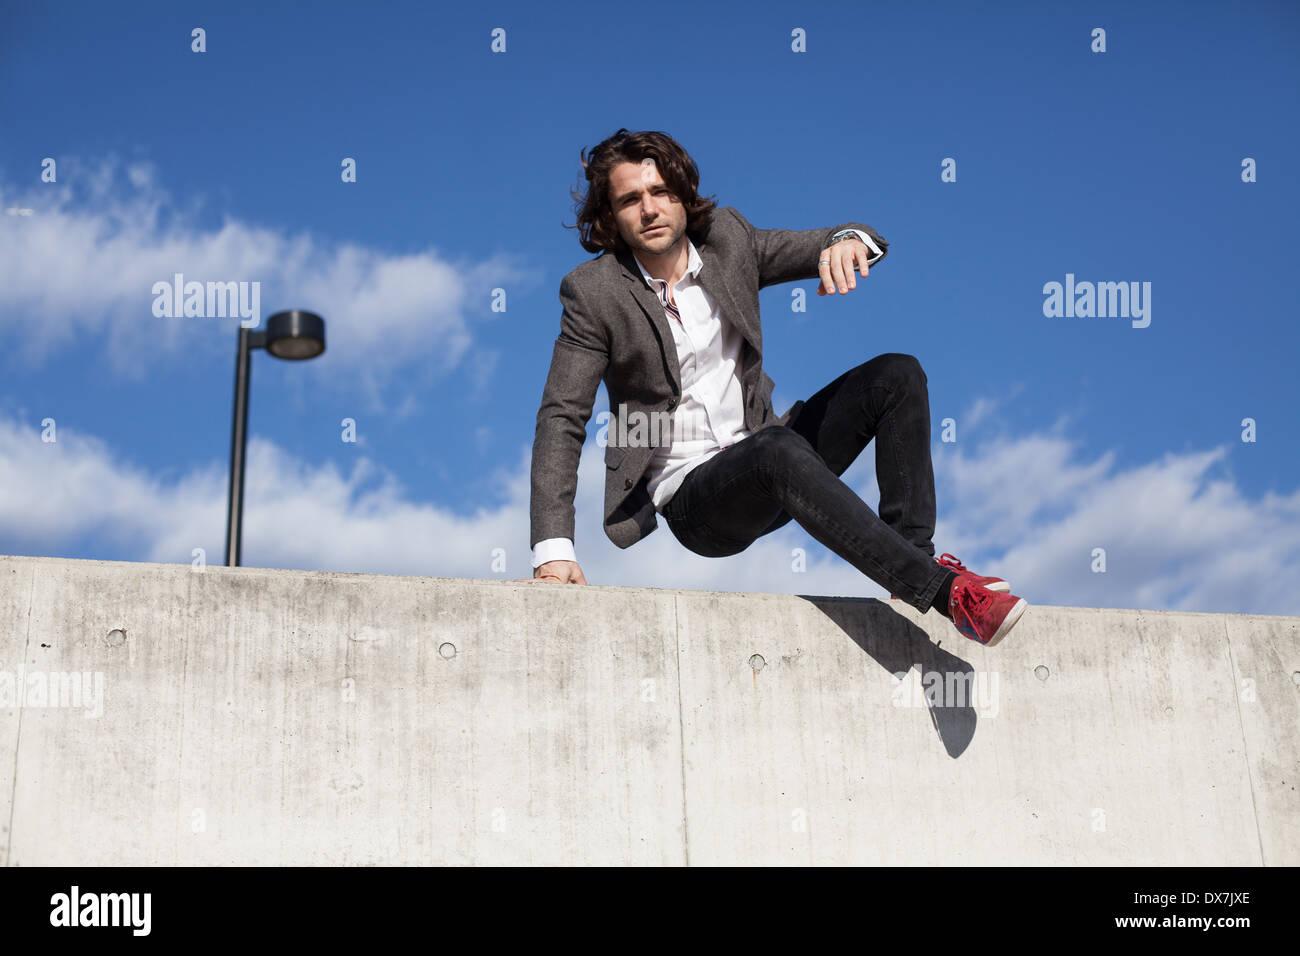 Un joven modelo masculino en un muro de hormigón con azul cielo detrás Imagen De Stock